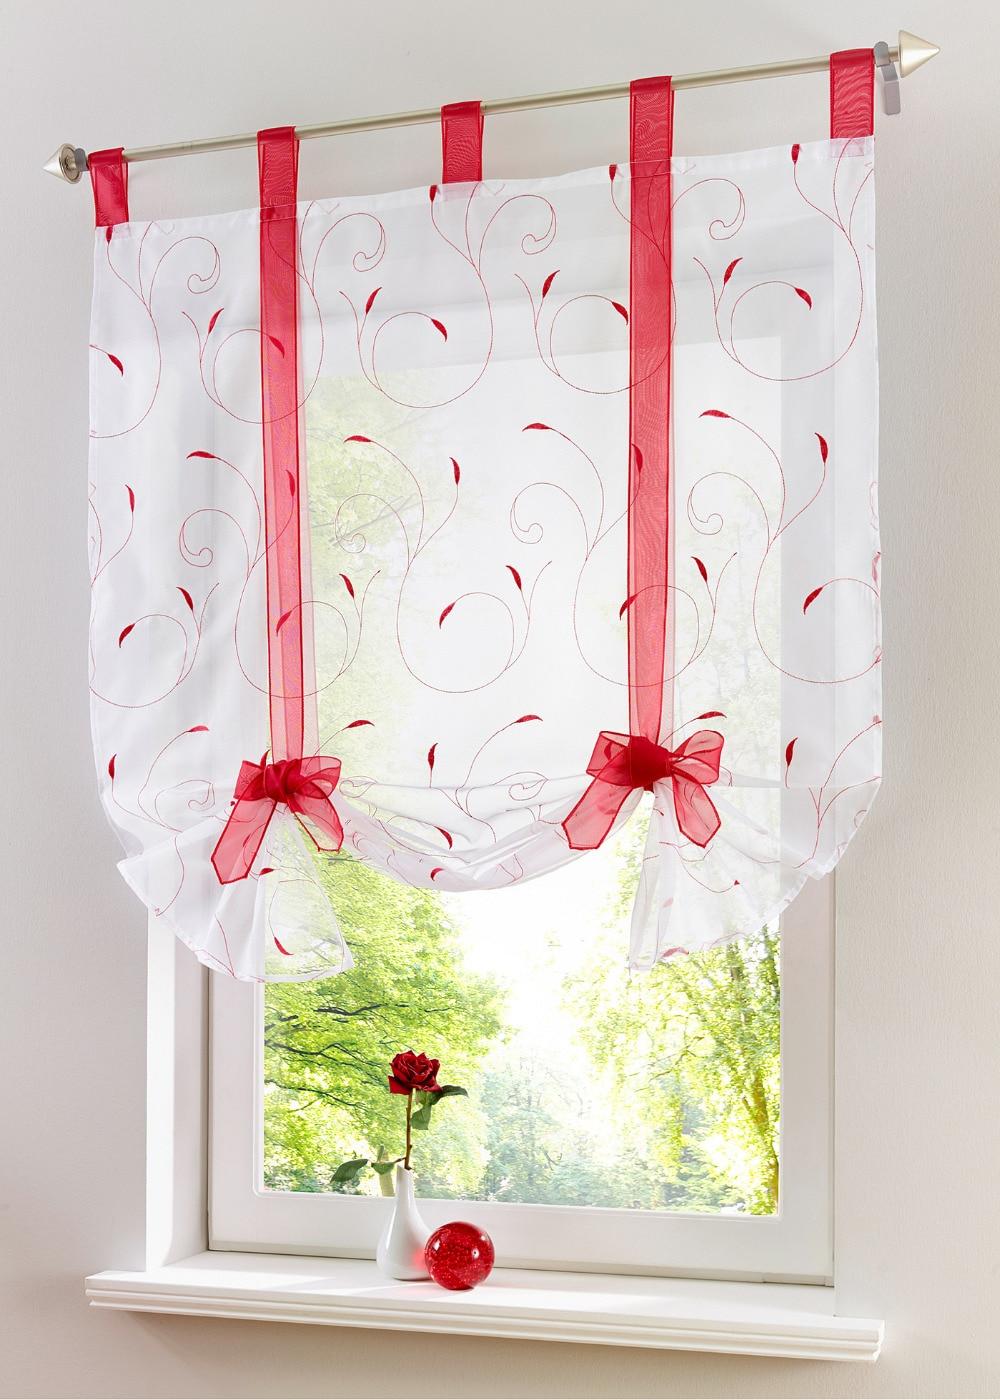 livraison gratuite arc petite fenetre floral tulle rideaux cuisine rideau porte artistique salle accueil decoratation